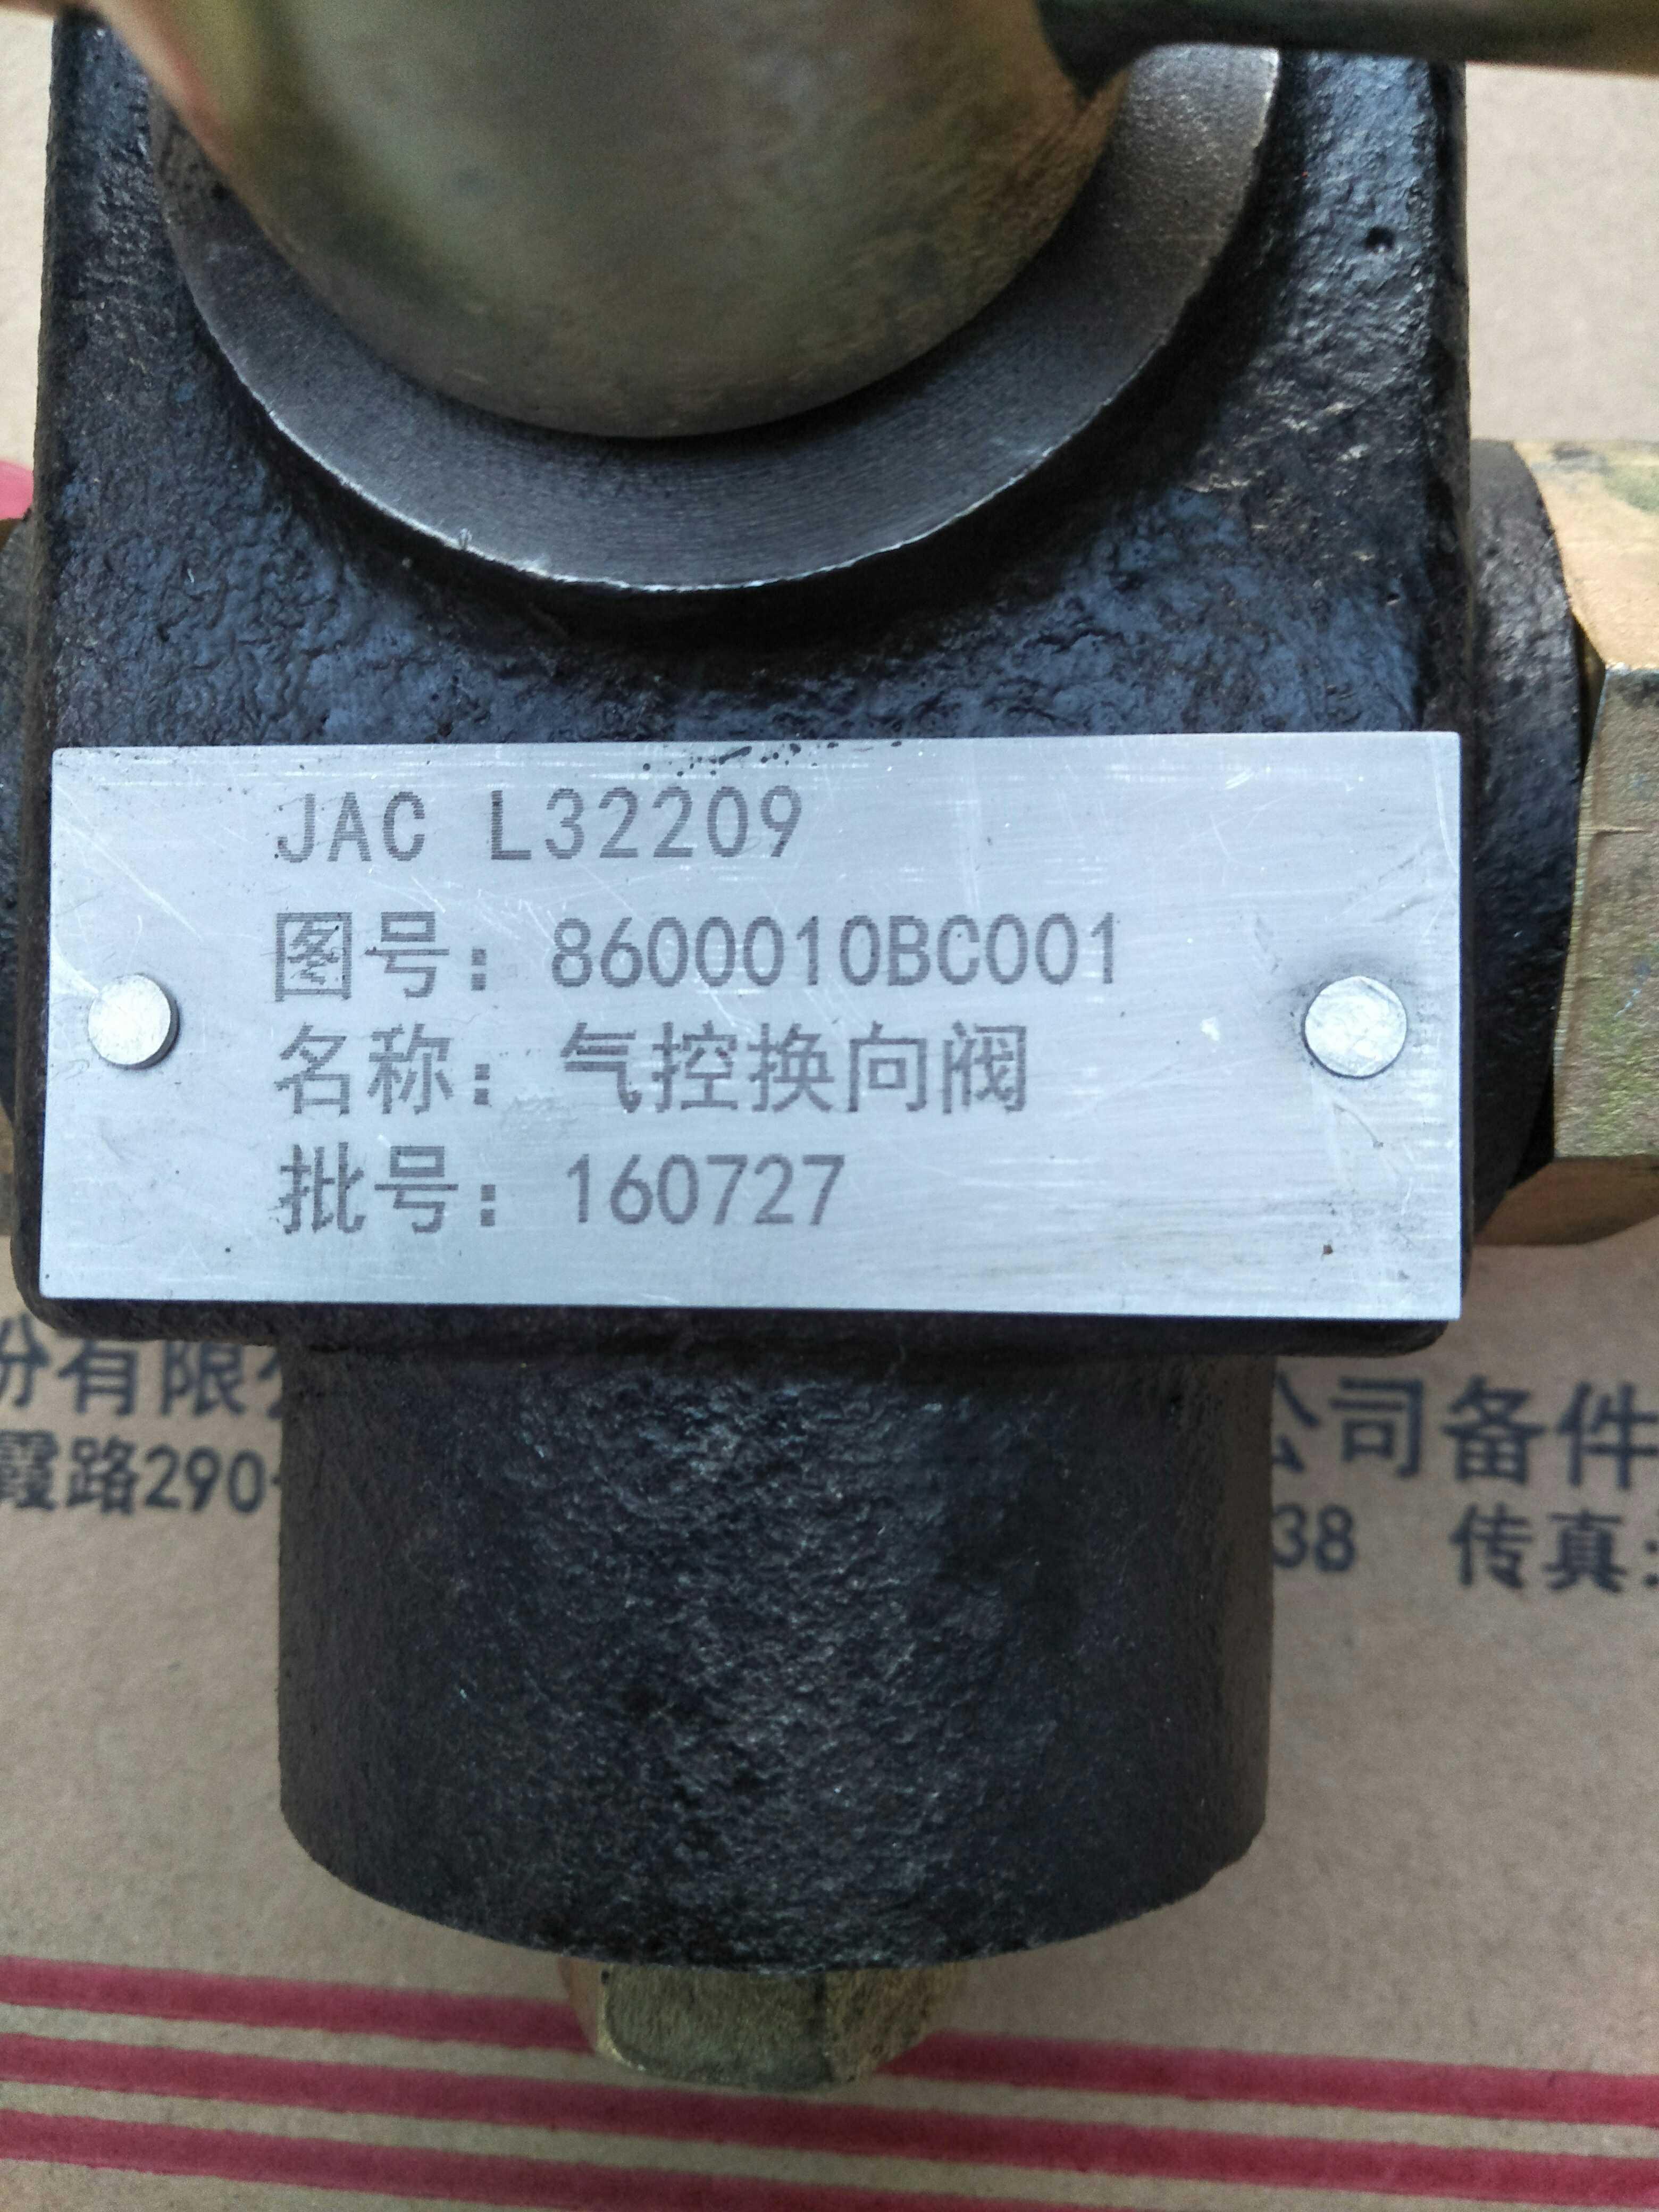 Jac ОКК динли самосвал 8600010BC001 пневматической клапанов бывшего завода спотовых